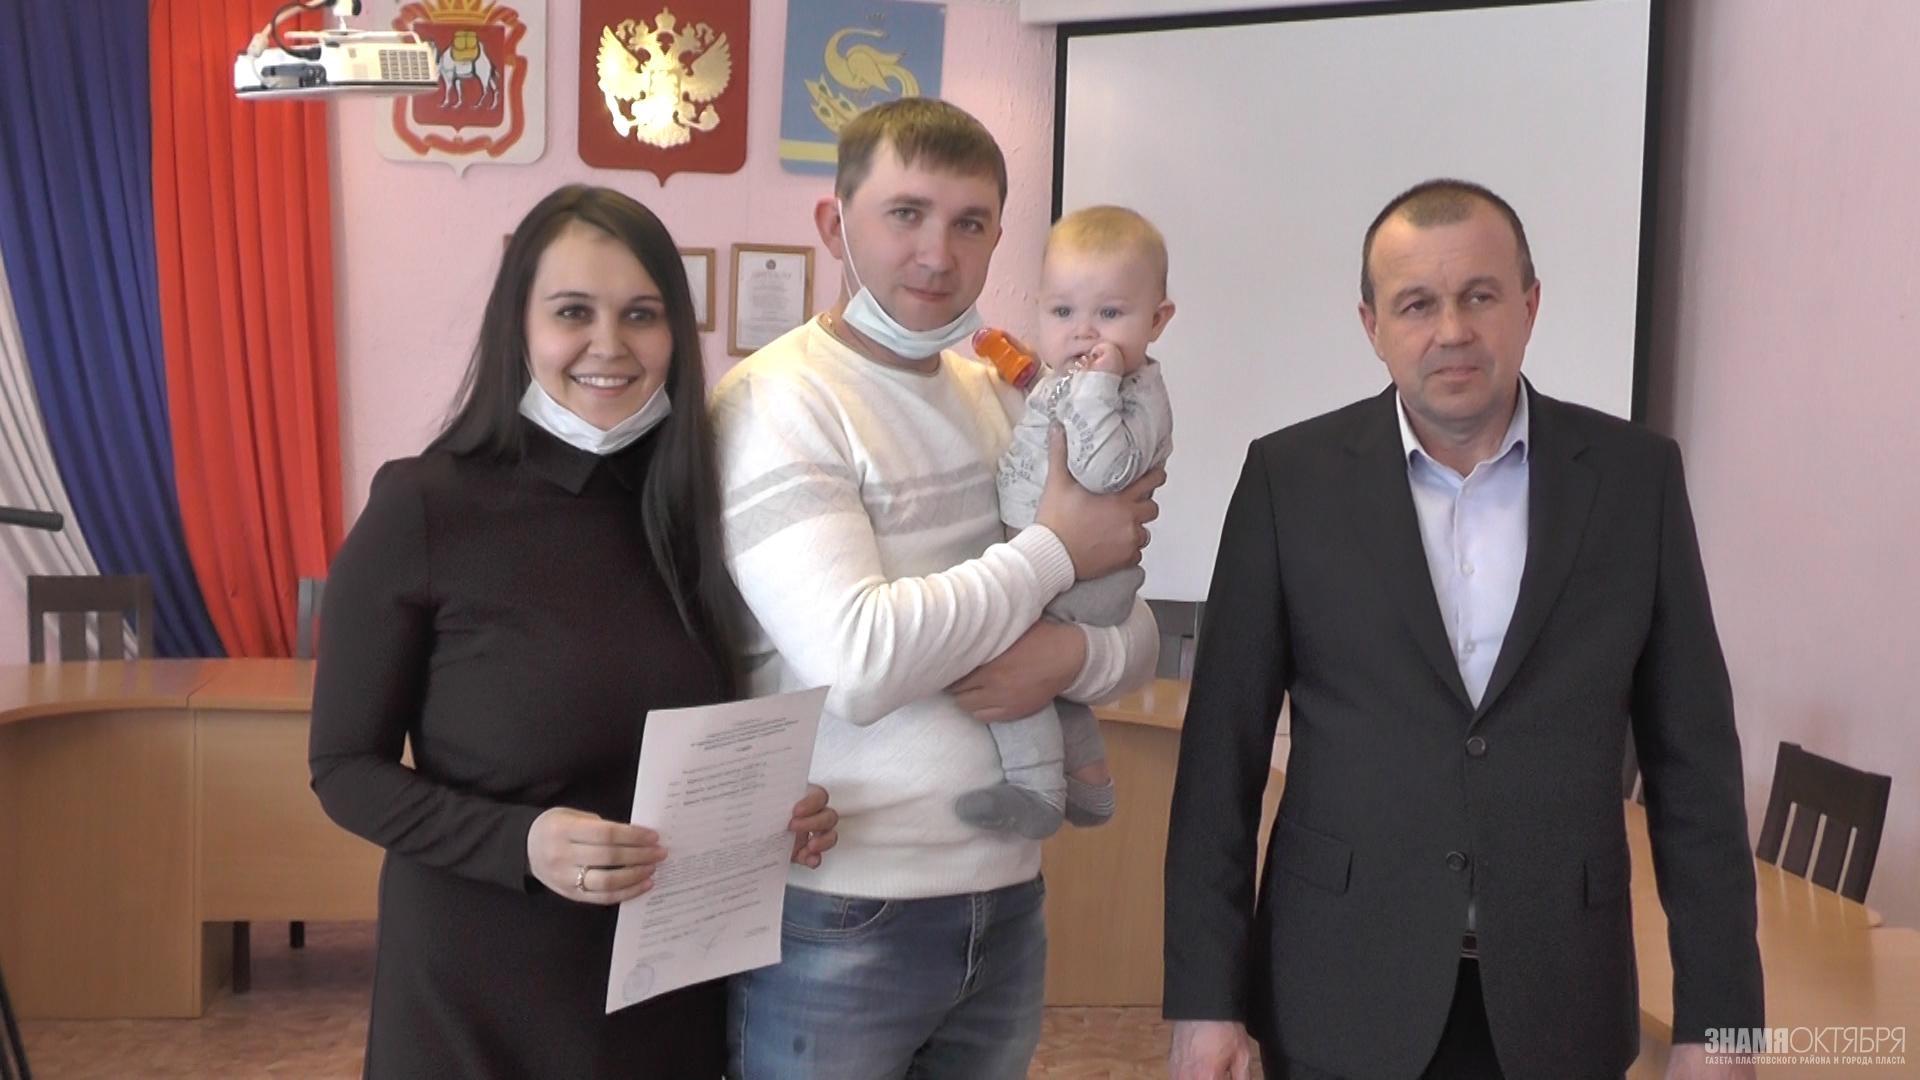 Плюс 20 счастливчиков! На днях молодые семьи Пластовского района получили сертификаты господдержки